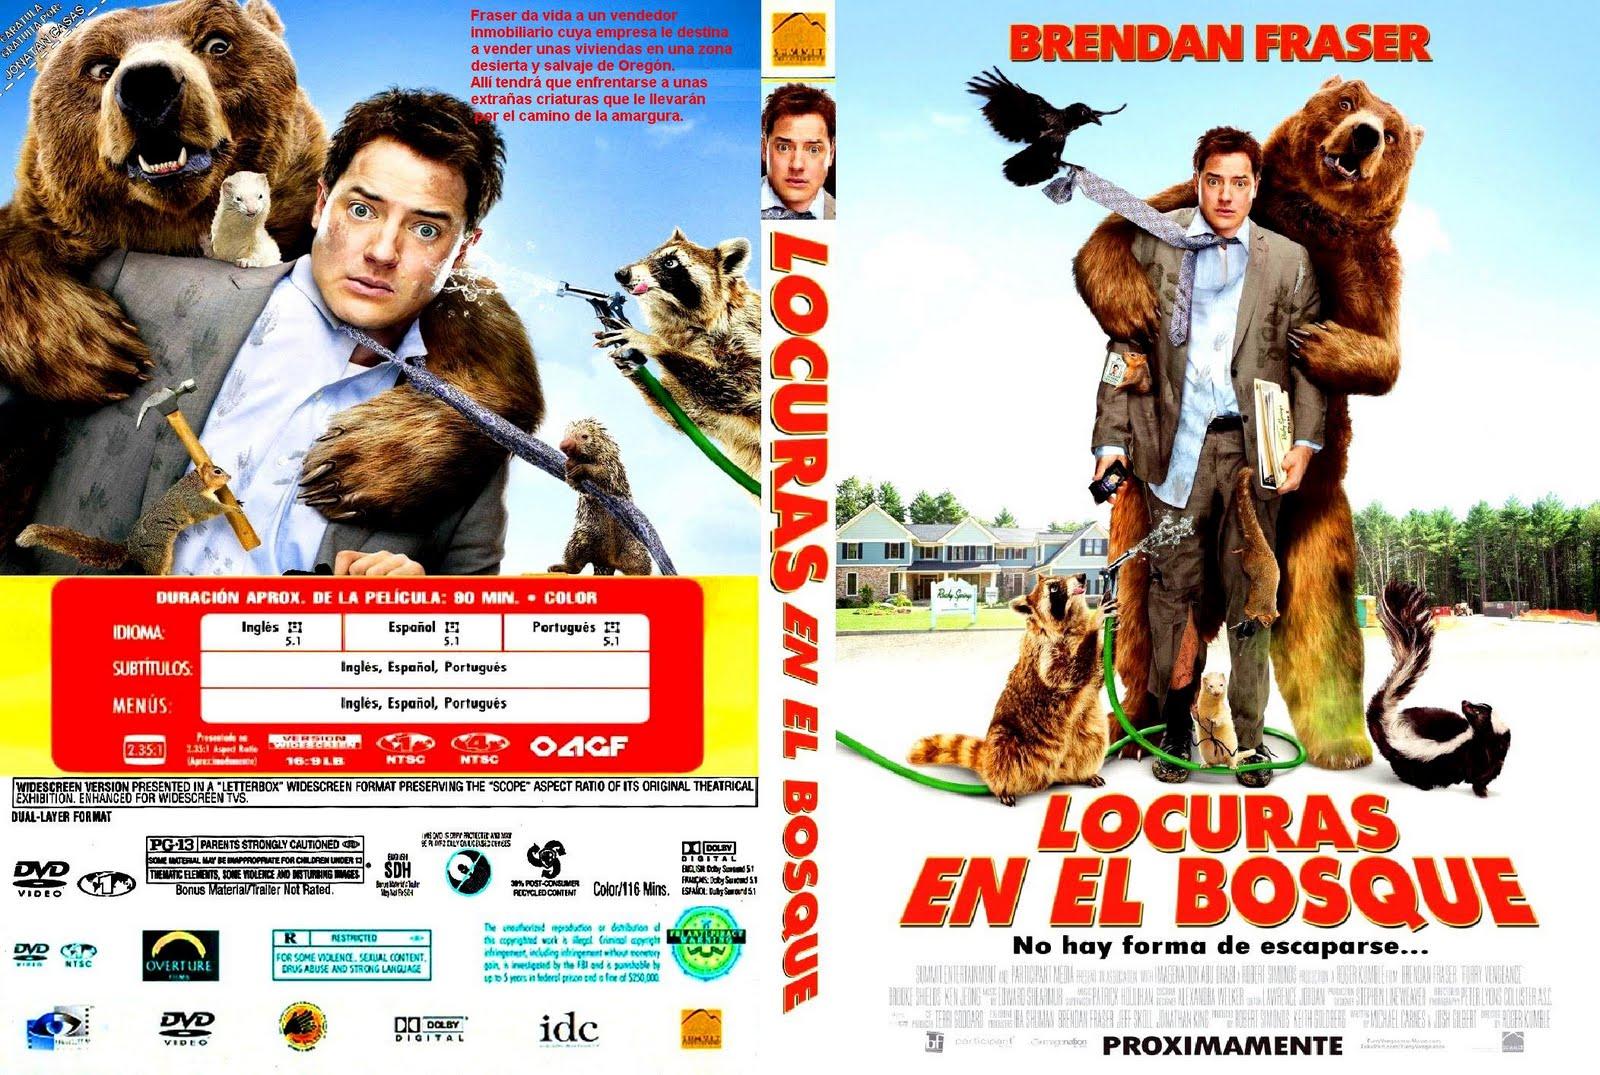 http://1.bp.blogspot.com/_IrbmmZfHTw0/TGZ7GLl4NWI/AAAAAAAAAfQ/1iTkr5_UzZ8/s1600/(+4871+)++Locuras+En+El+Bosque.jpg